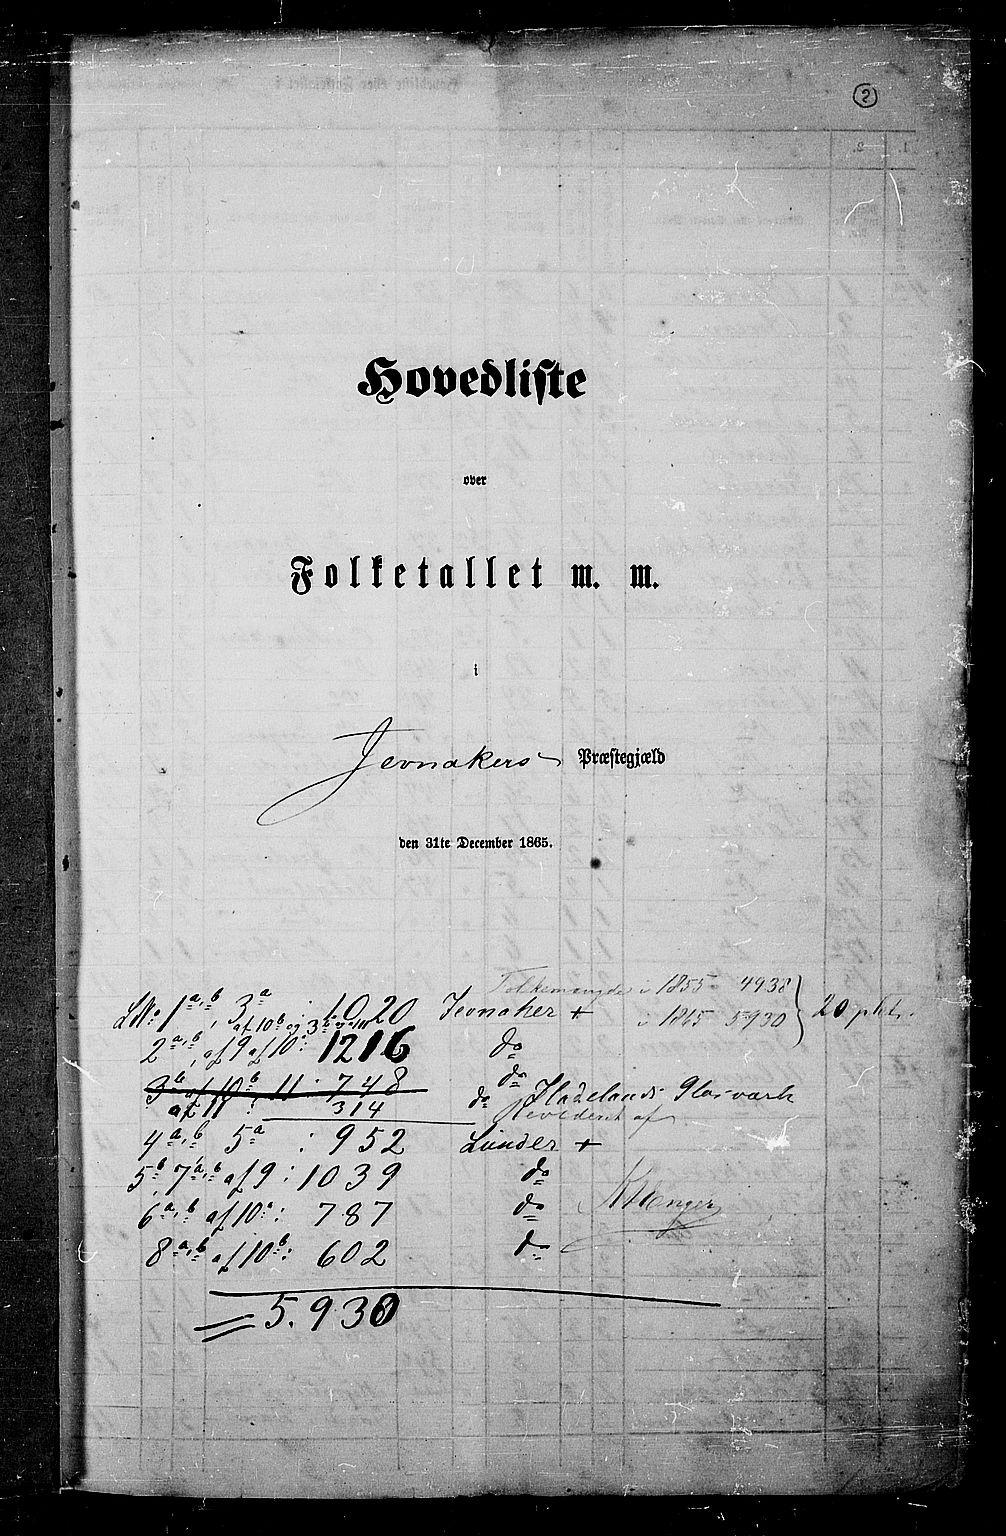 RA, Folketelling 1865 for 0532P Jevnaker prestegjeld, 1865, s. 5